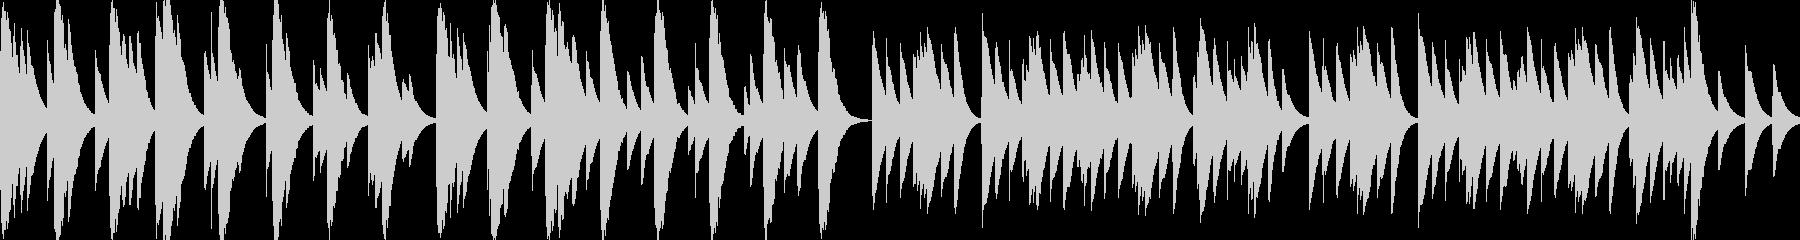 優しくてしんみりするBGM_ループの未再生の波形